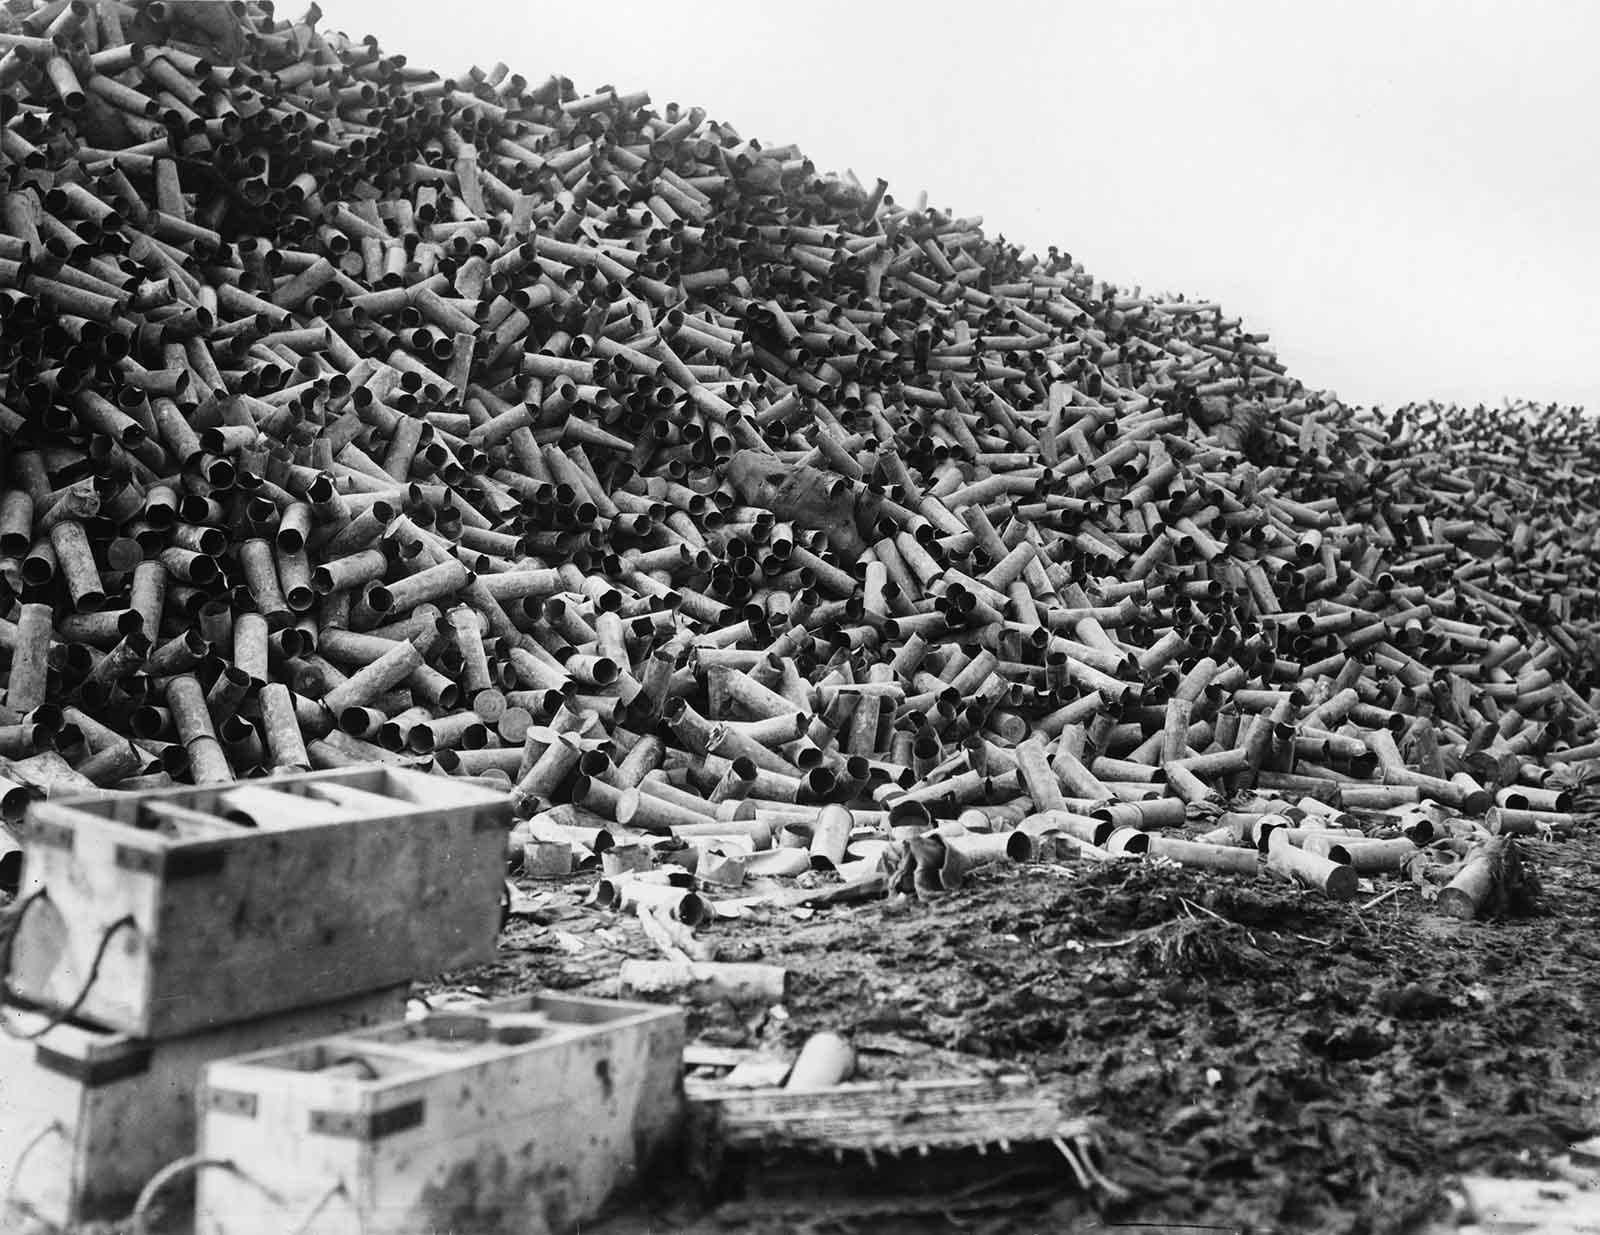 En la semana previa a la batalla, se dispararon más de 1,5 millones de proyectiles.